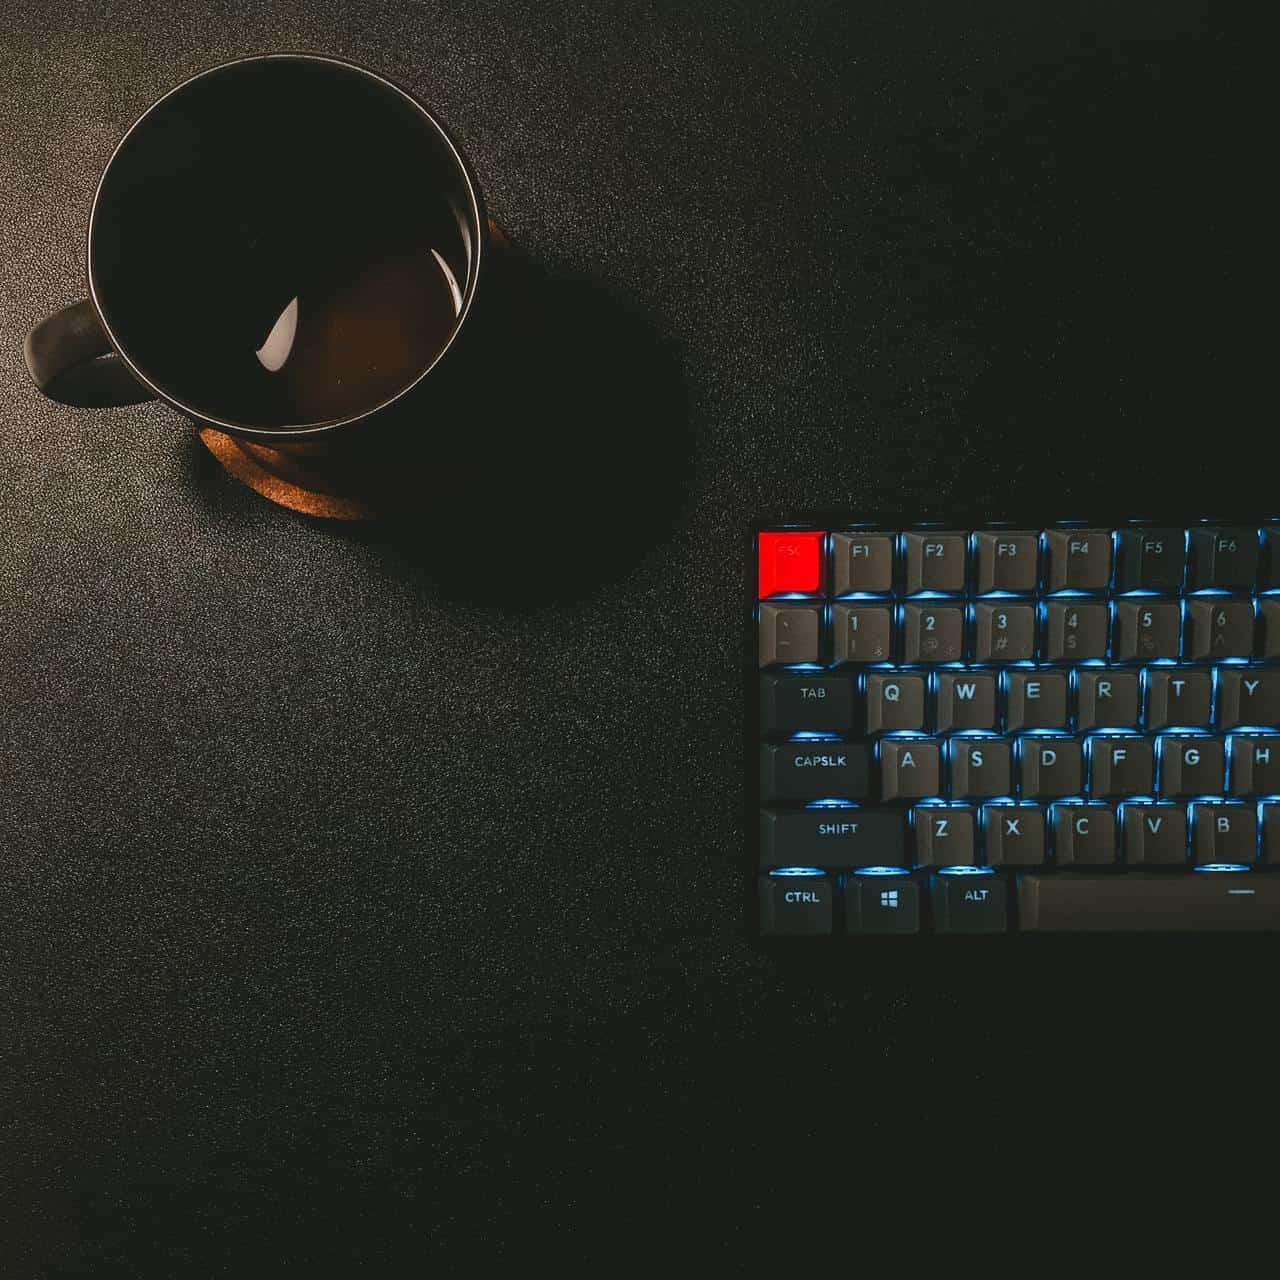 Рядом с клавиатурой стоит чашка чая